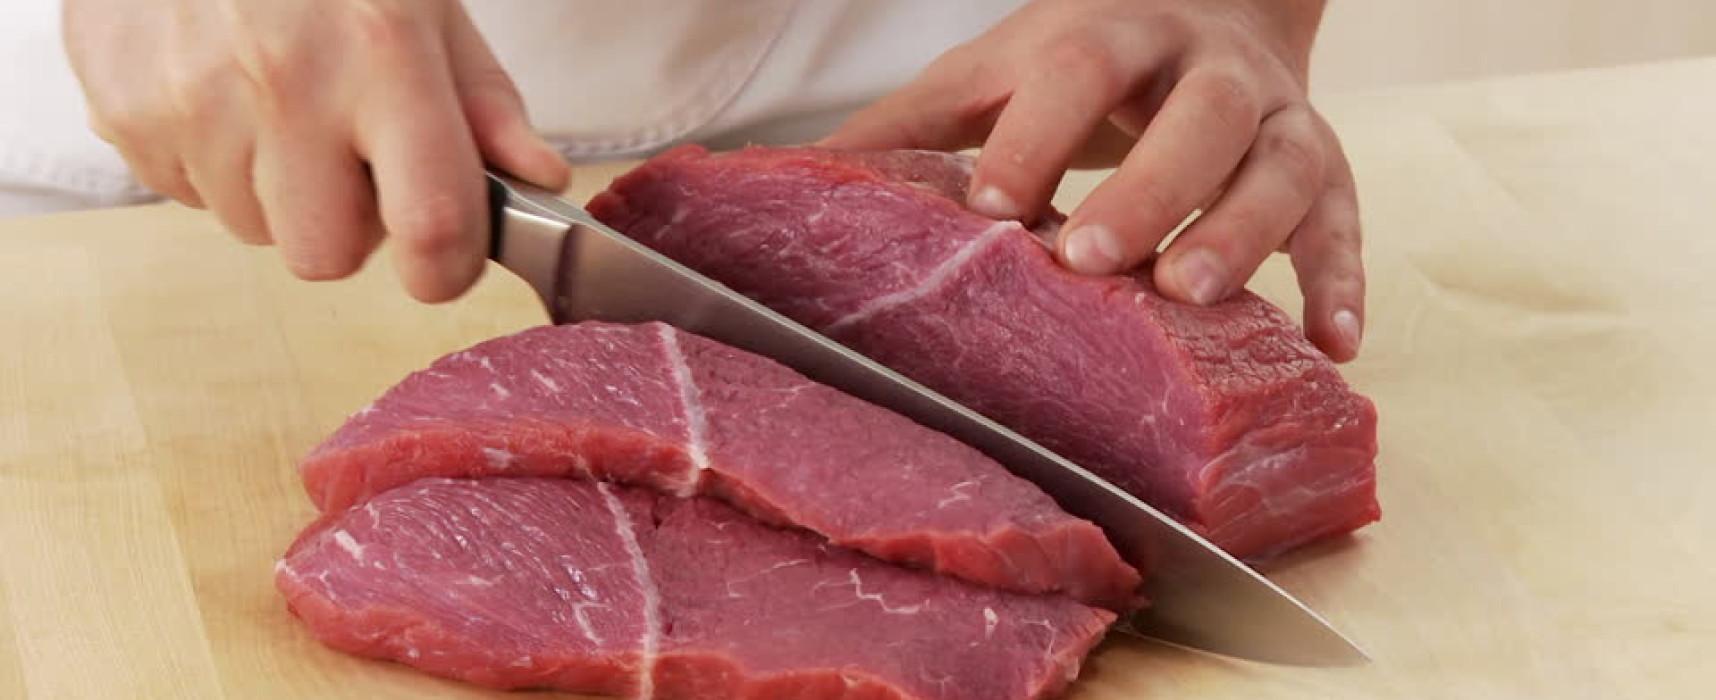 """Confcommercio:corso GRATUITO per """"Addetto alla lavorazione e alla commercializzazione  dei prodotti e delle carni"""" rivolto a DISOCCUPATI"""